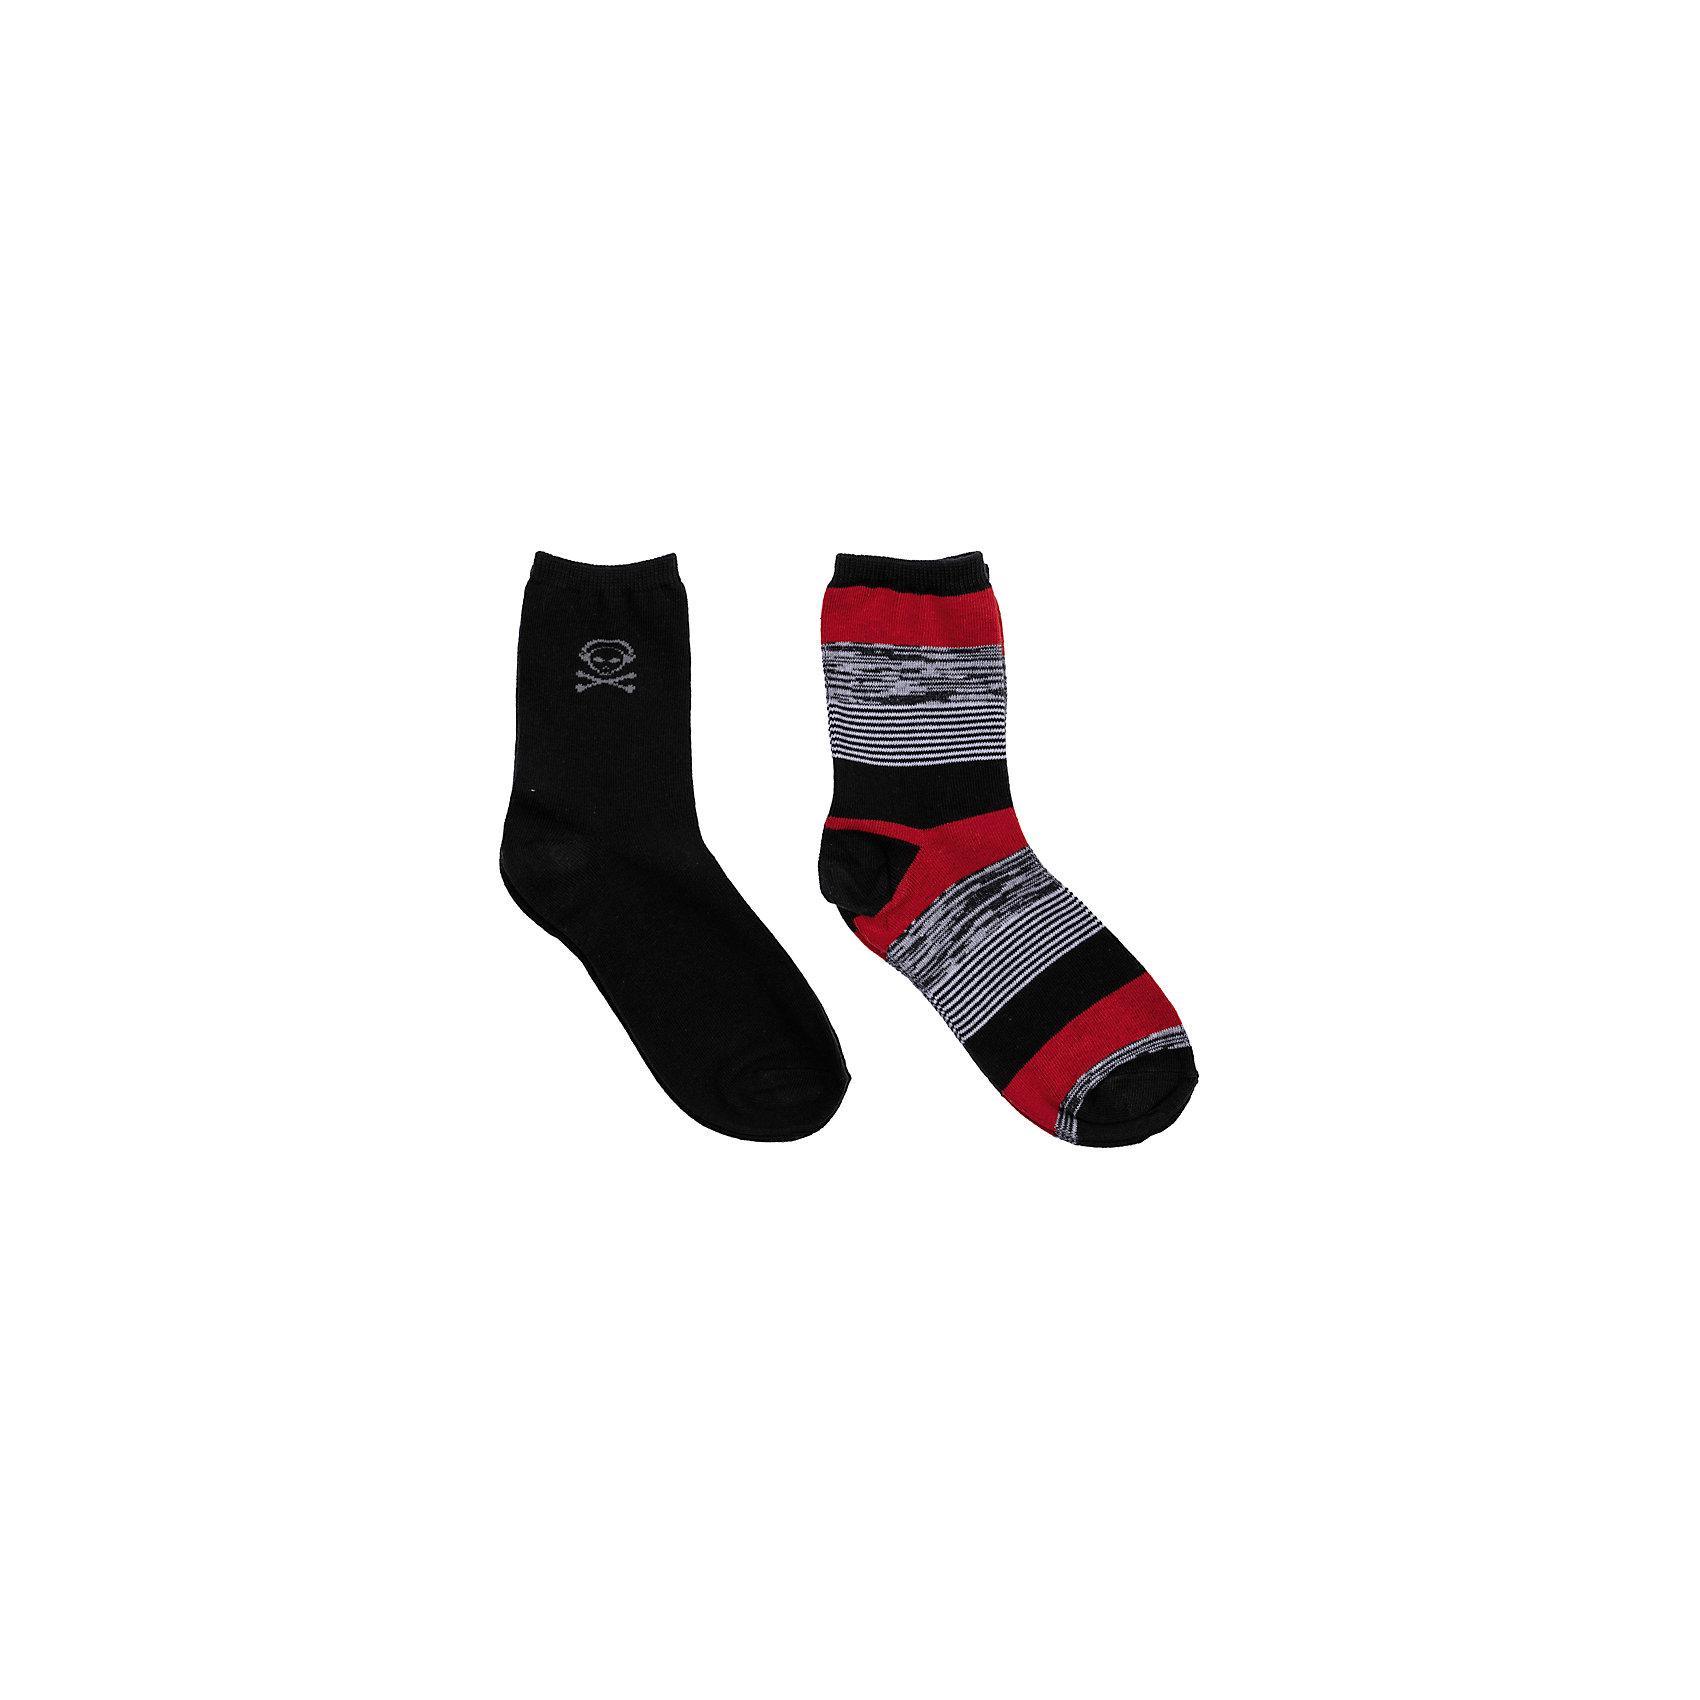 Носки, 2 пары для мальчика ScoolНоски, 2 пары для мальчика Scool – на учебу и на прогулку.<br>Классические черные носки, украшенные современной картинкой, и яркие носки в полоску. Качественная ткань позволяет ногам дышать и не вызывает потливости. Носки длинные, хорошо подходят под брюки или джинсы. <br><br>Дополнительная информация:<br><br>- материал: 75% хлопок, 22% нейлон, 3% эластан<br>- цвет: черный, серый, красный, белый<br><br>Носки, 2 пары для мальчика Scool можно купить в нашем интернет магазине.<br><br>Ширина мм: 87<br>Глубина мм: 10<br>Высота мм: 105<br>Вес г: 115<br>Цвет: разноцветный<br>Возраст от месяцев: 120<br>Возраст до месяцев: 144<br>Пол: Мужской<br>Возраст: Детский<br>Размер: 32-35,30-32,35-40<br>SKU: 4911650